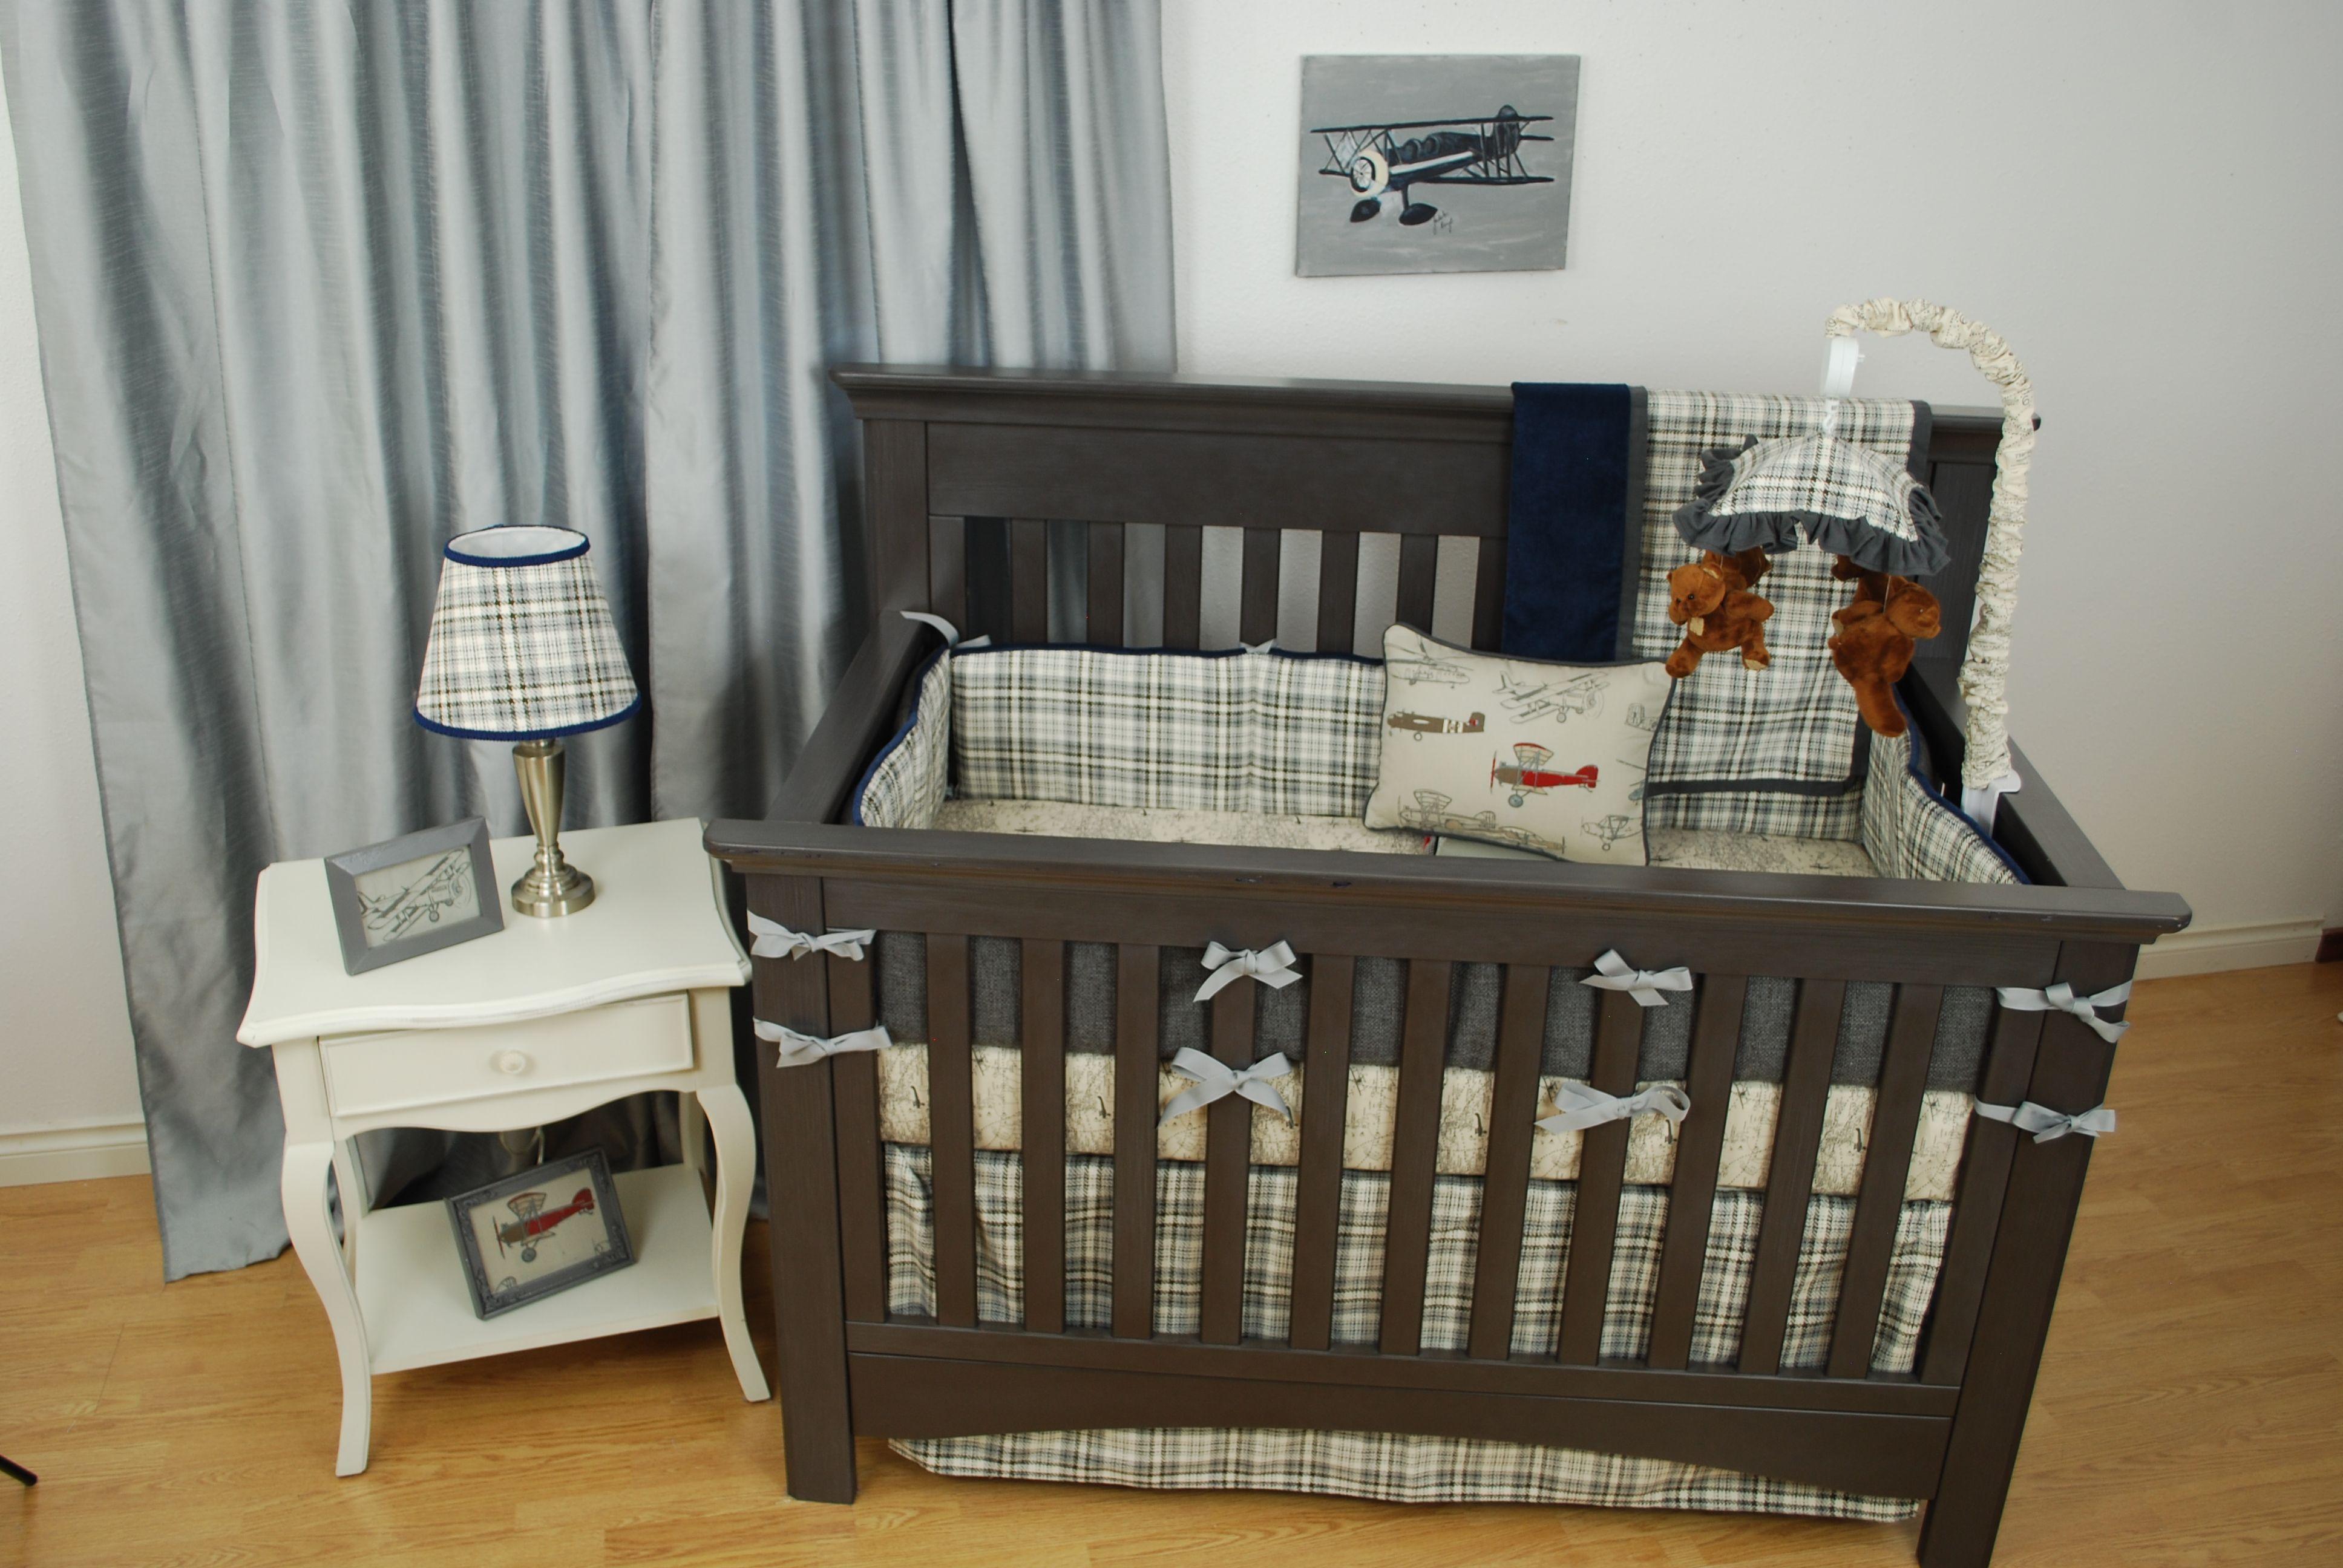 Crib for sale gatineau - Vintage Plaid And Airplane Crib Bedding